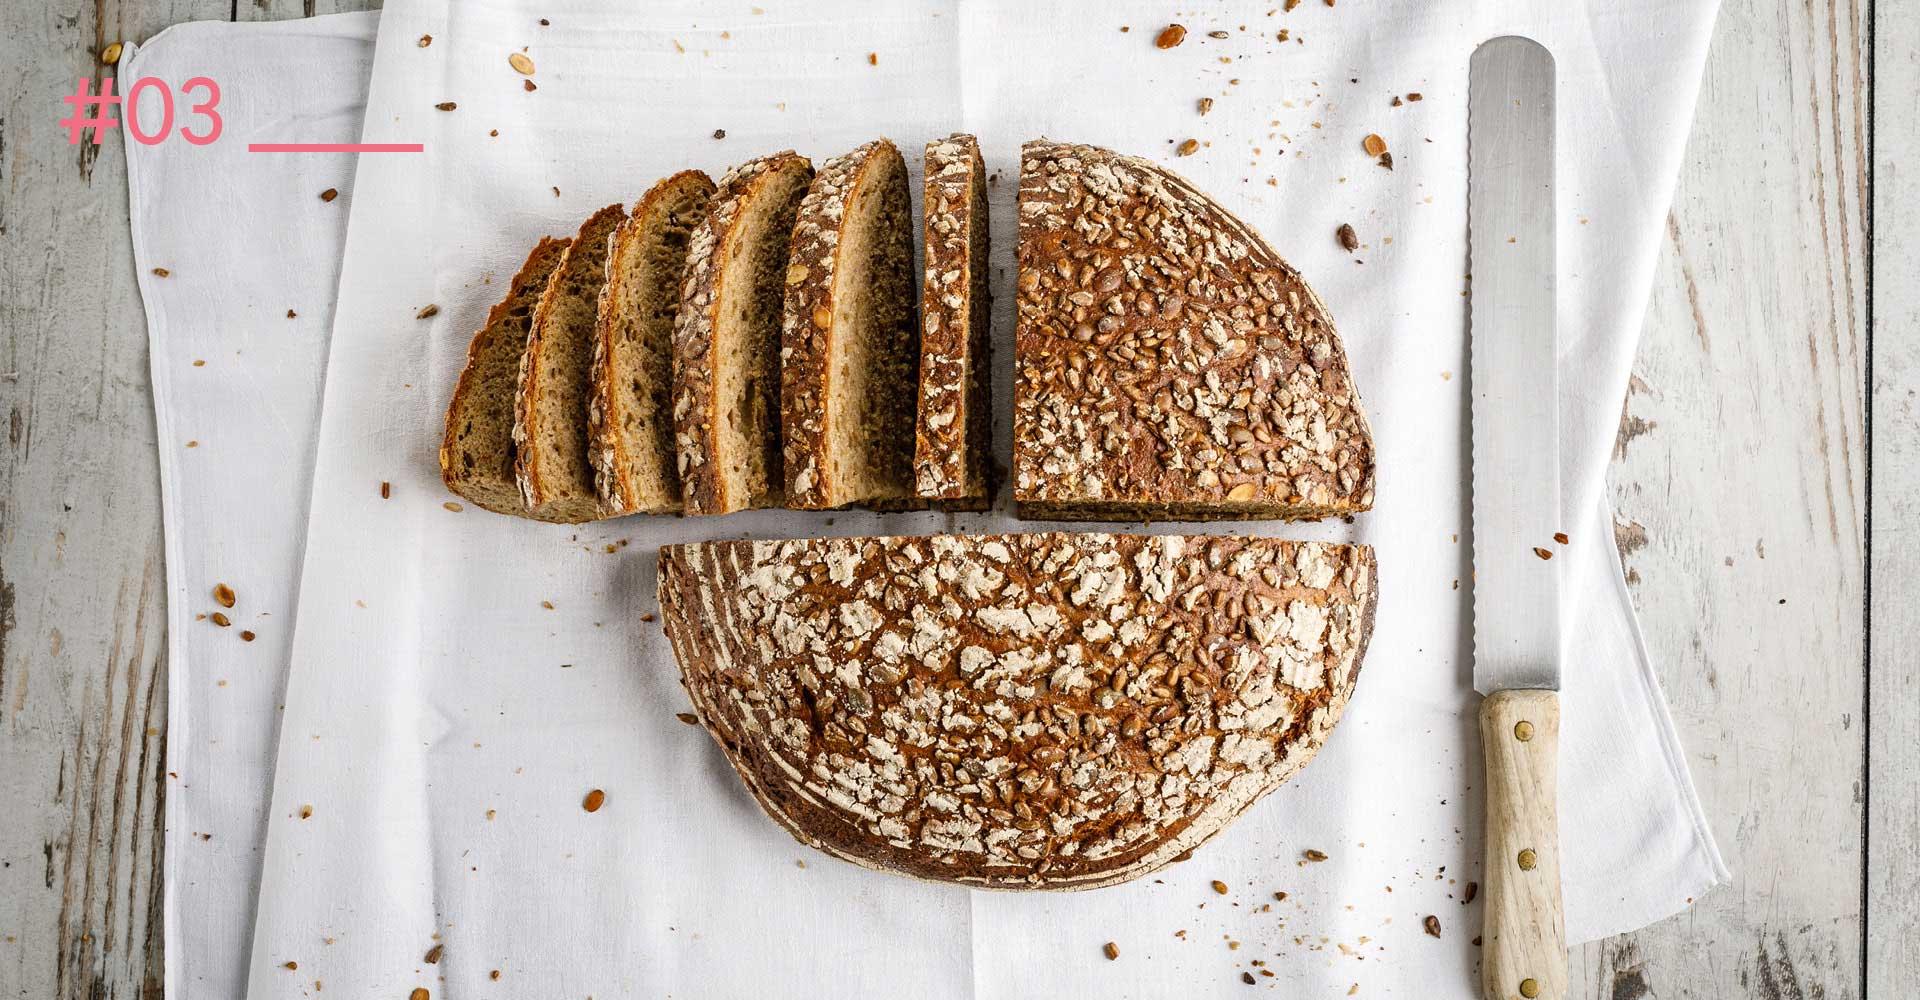 OPUS Marketing / Food & Beverage / Brot / Food-Fotografie